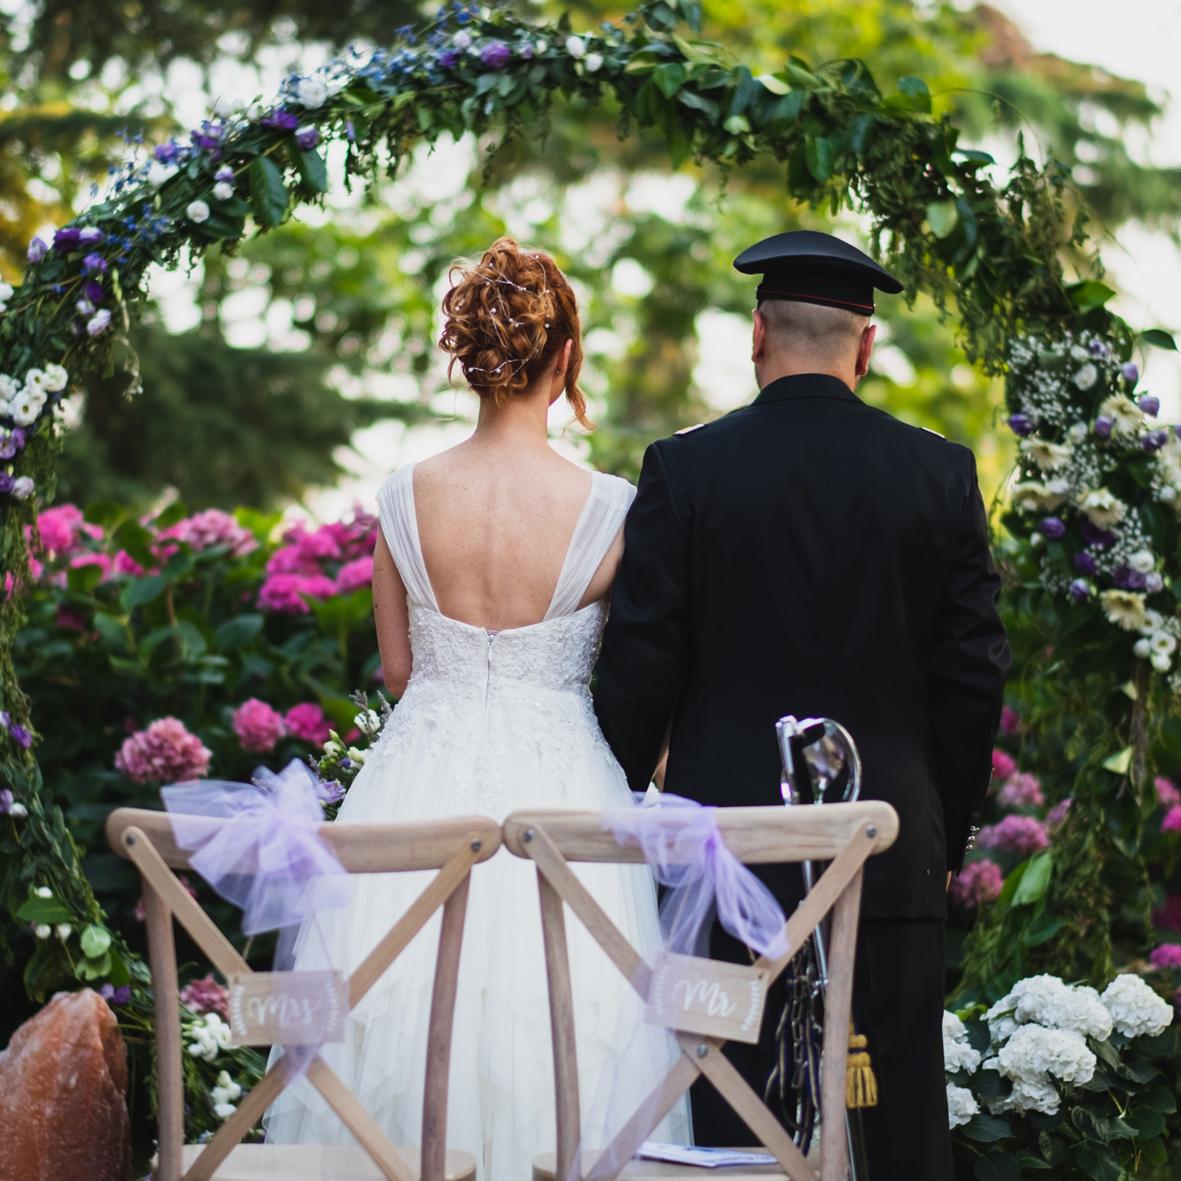 Fotografo matrimonio Brescia reportage di matrimonio Federico Rongaroli19